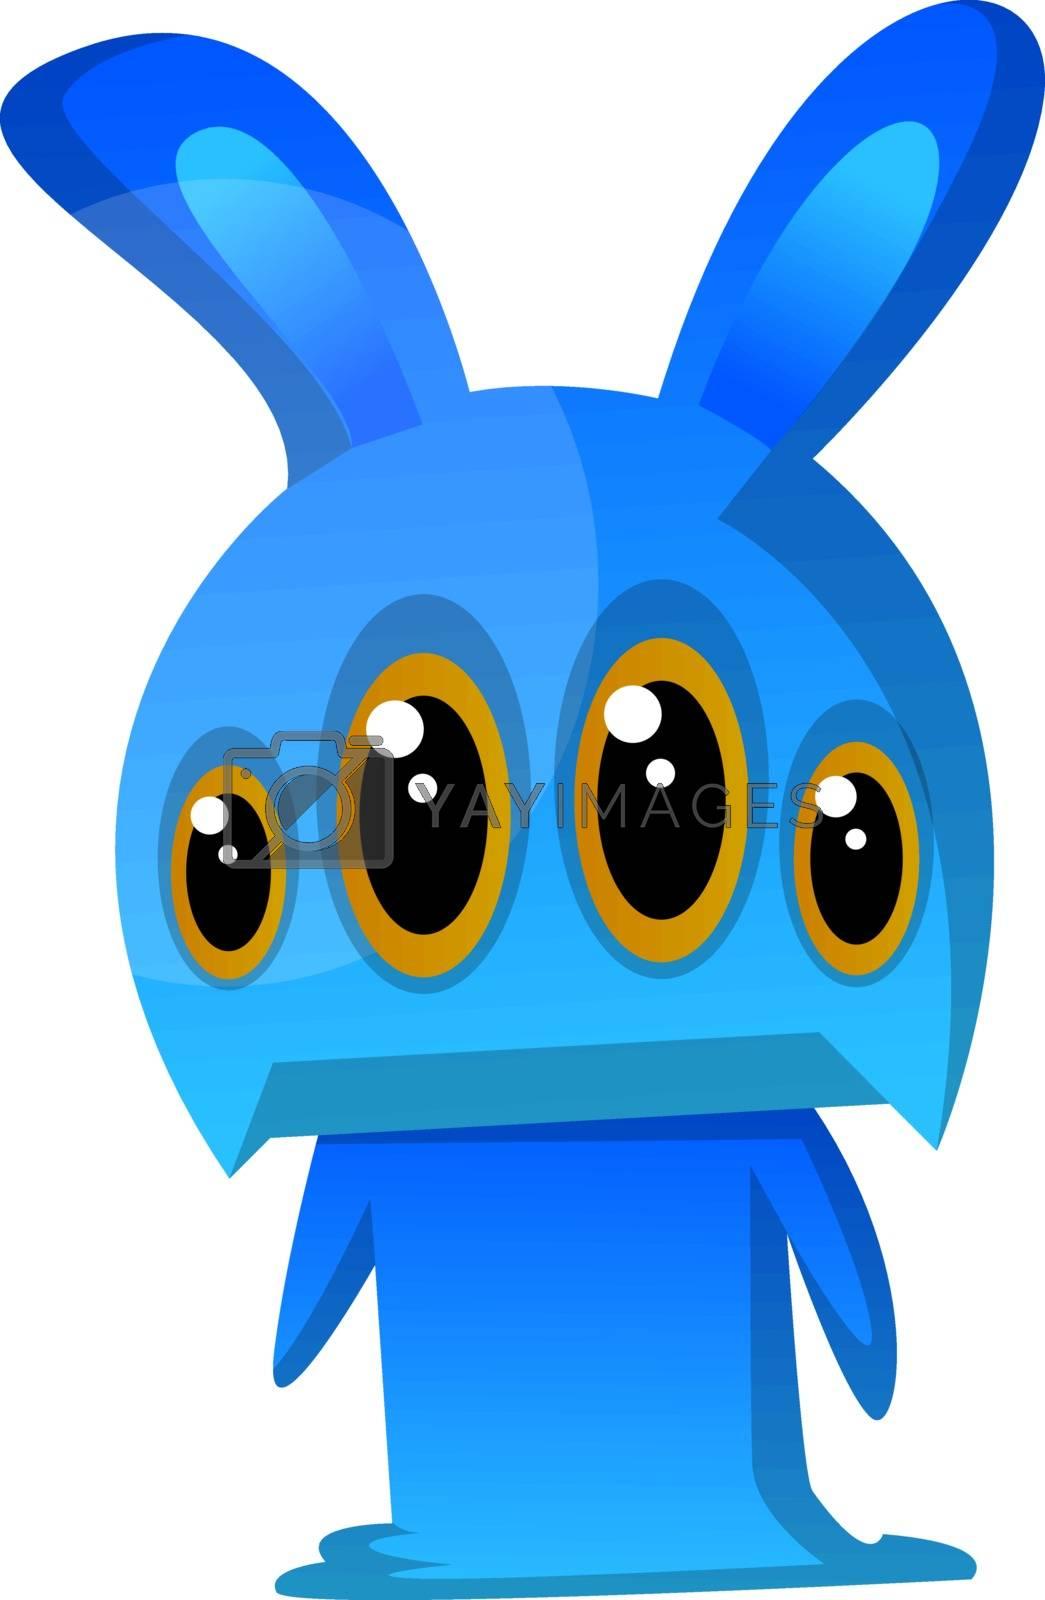 Royalty free image of Four-eyed blue rabbit monster illustration vector on white backg by Morphart